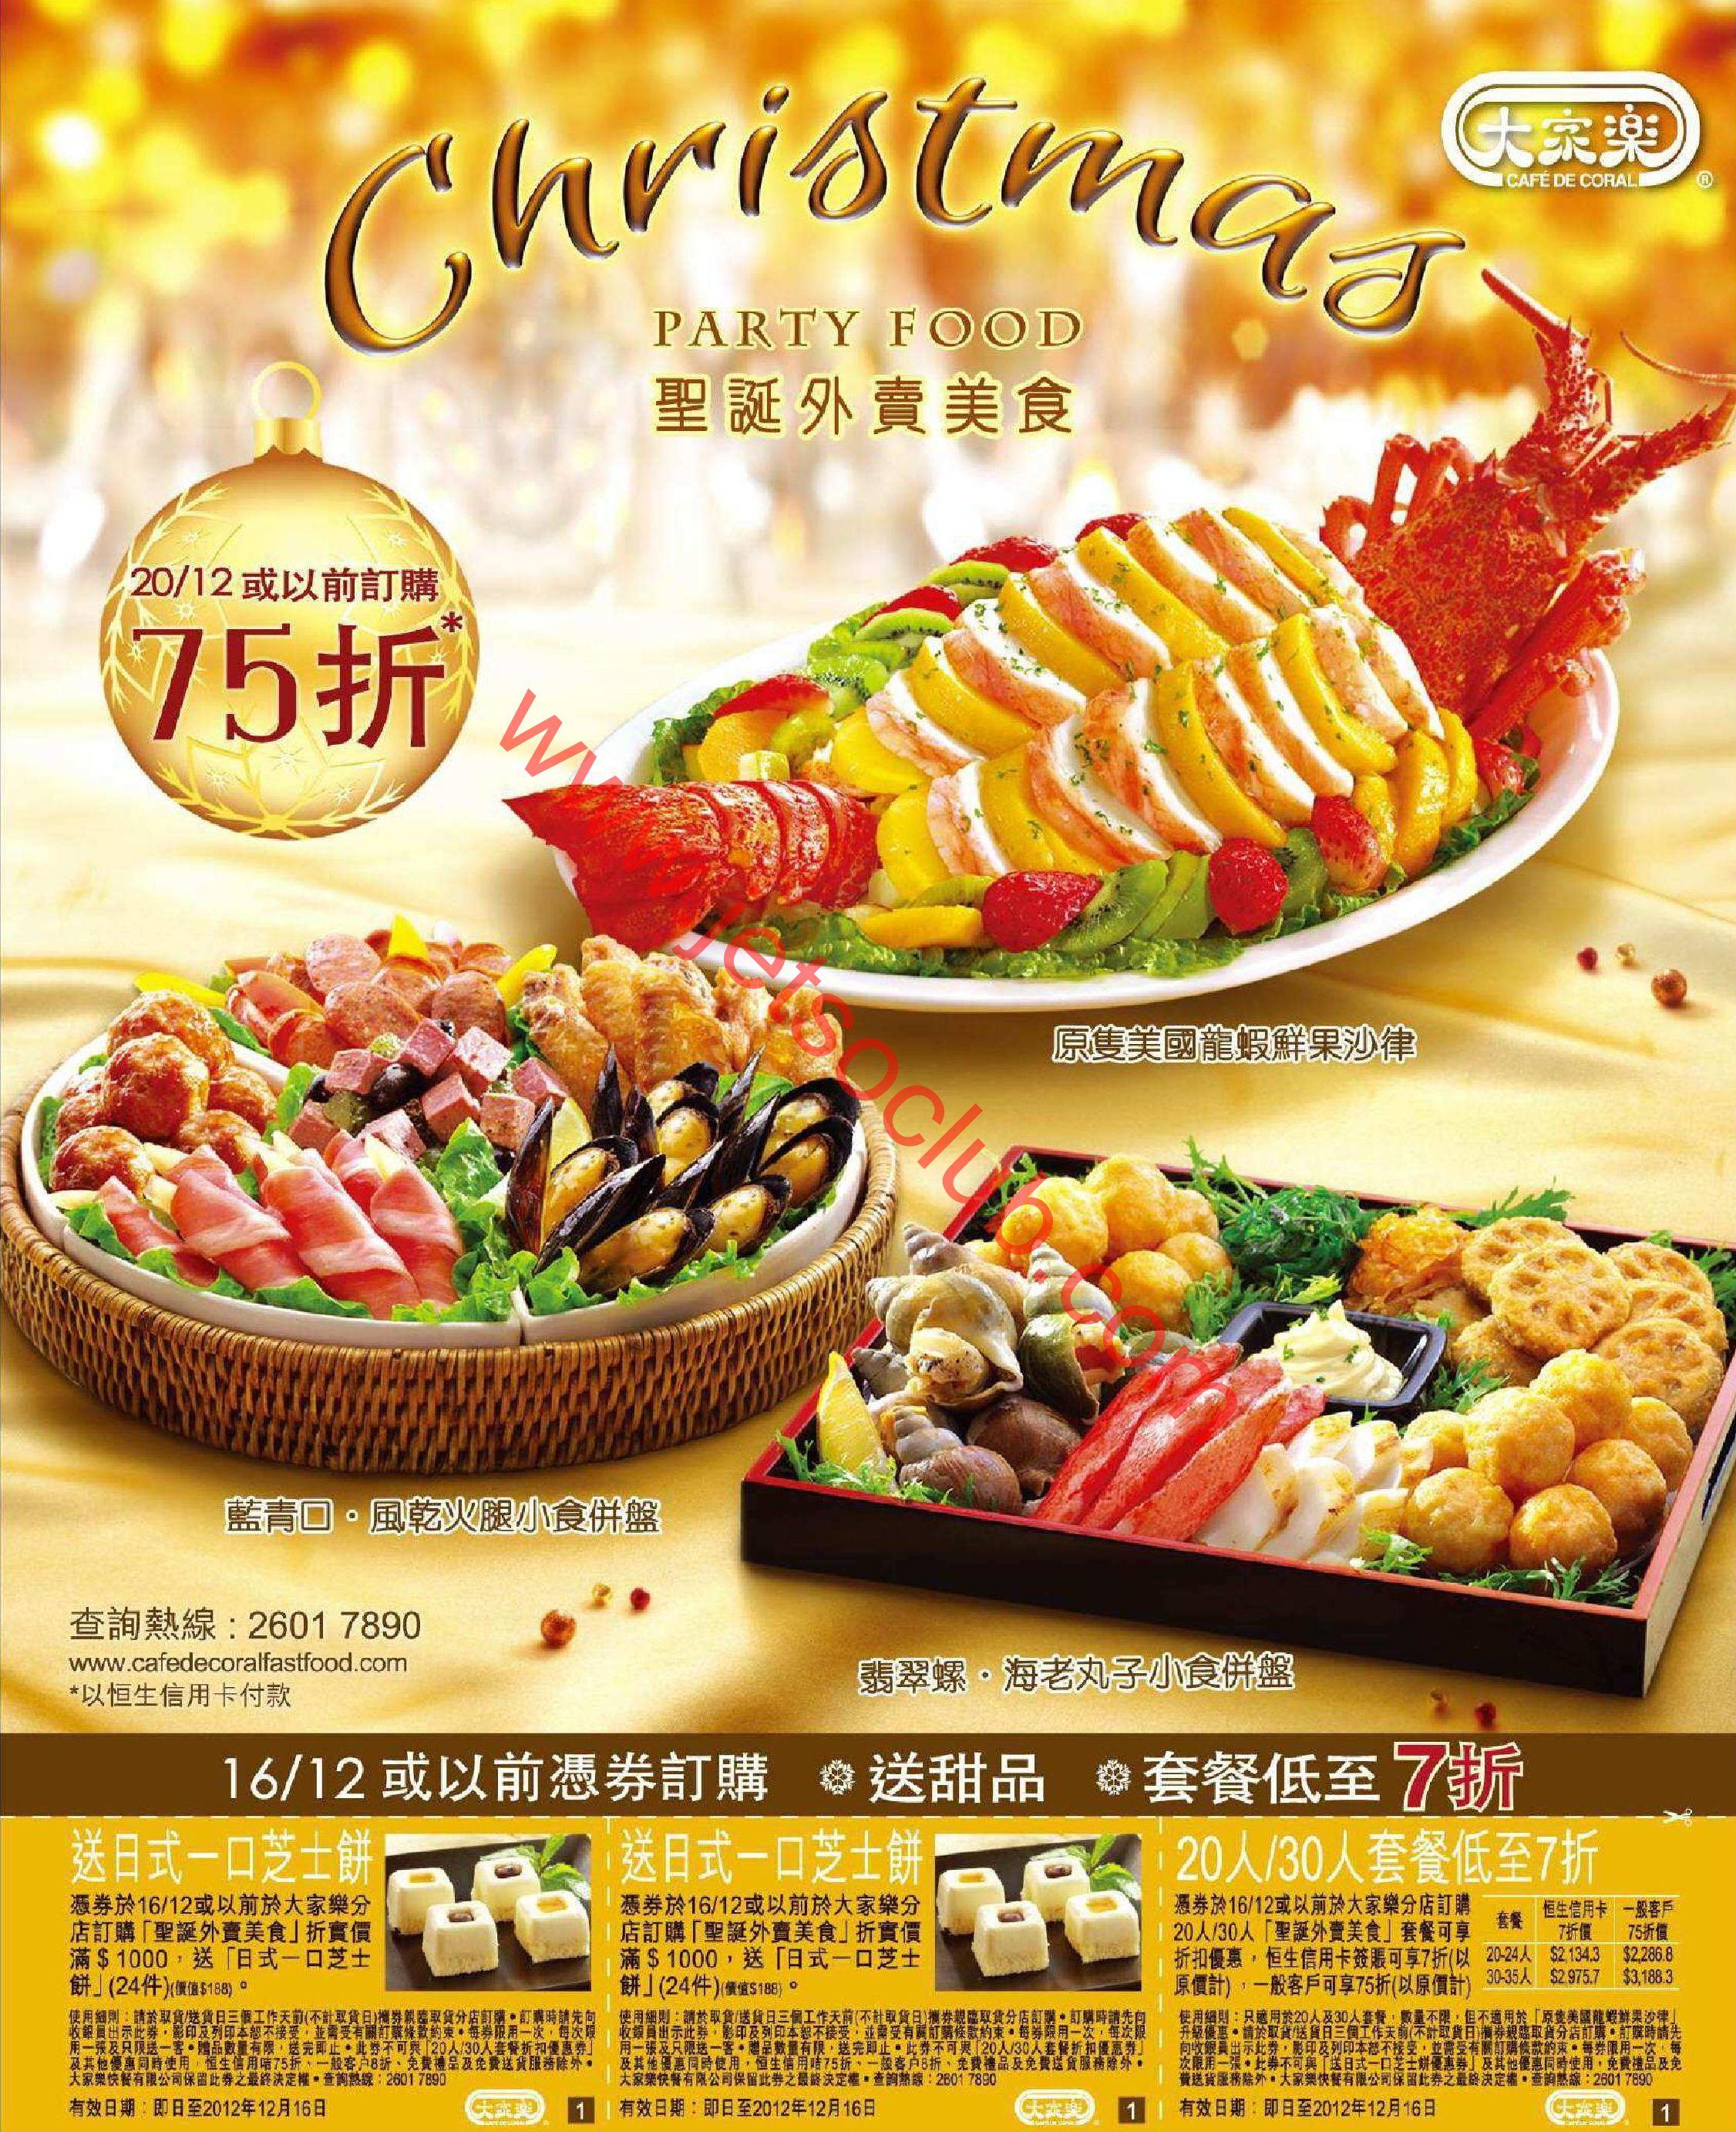 聖誕自助餐 | [組圖+影片] 的最新詳盡資料** (必看!!) :: Food Para.